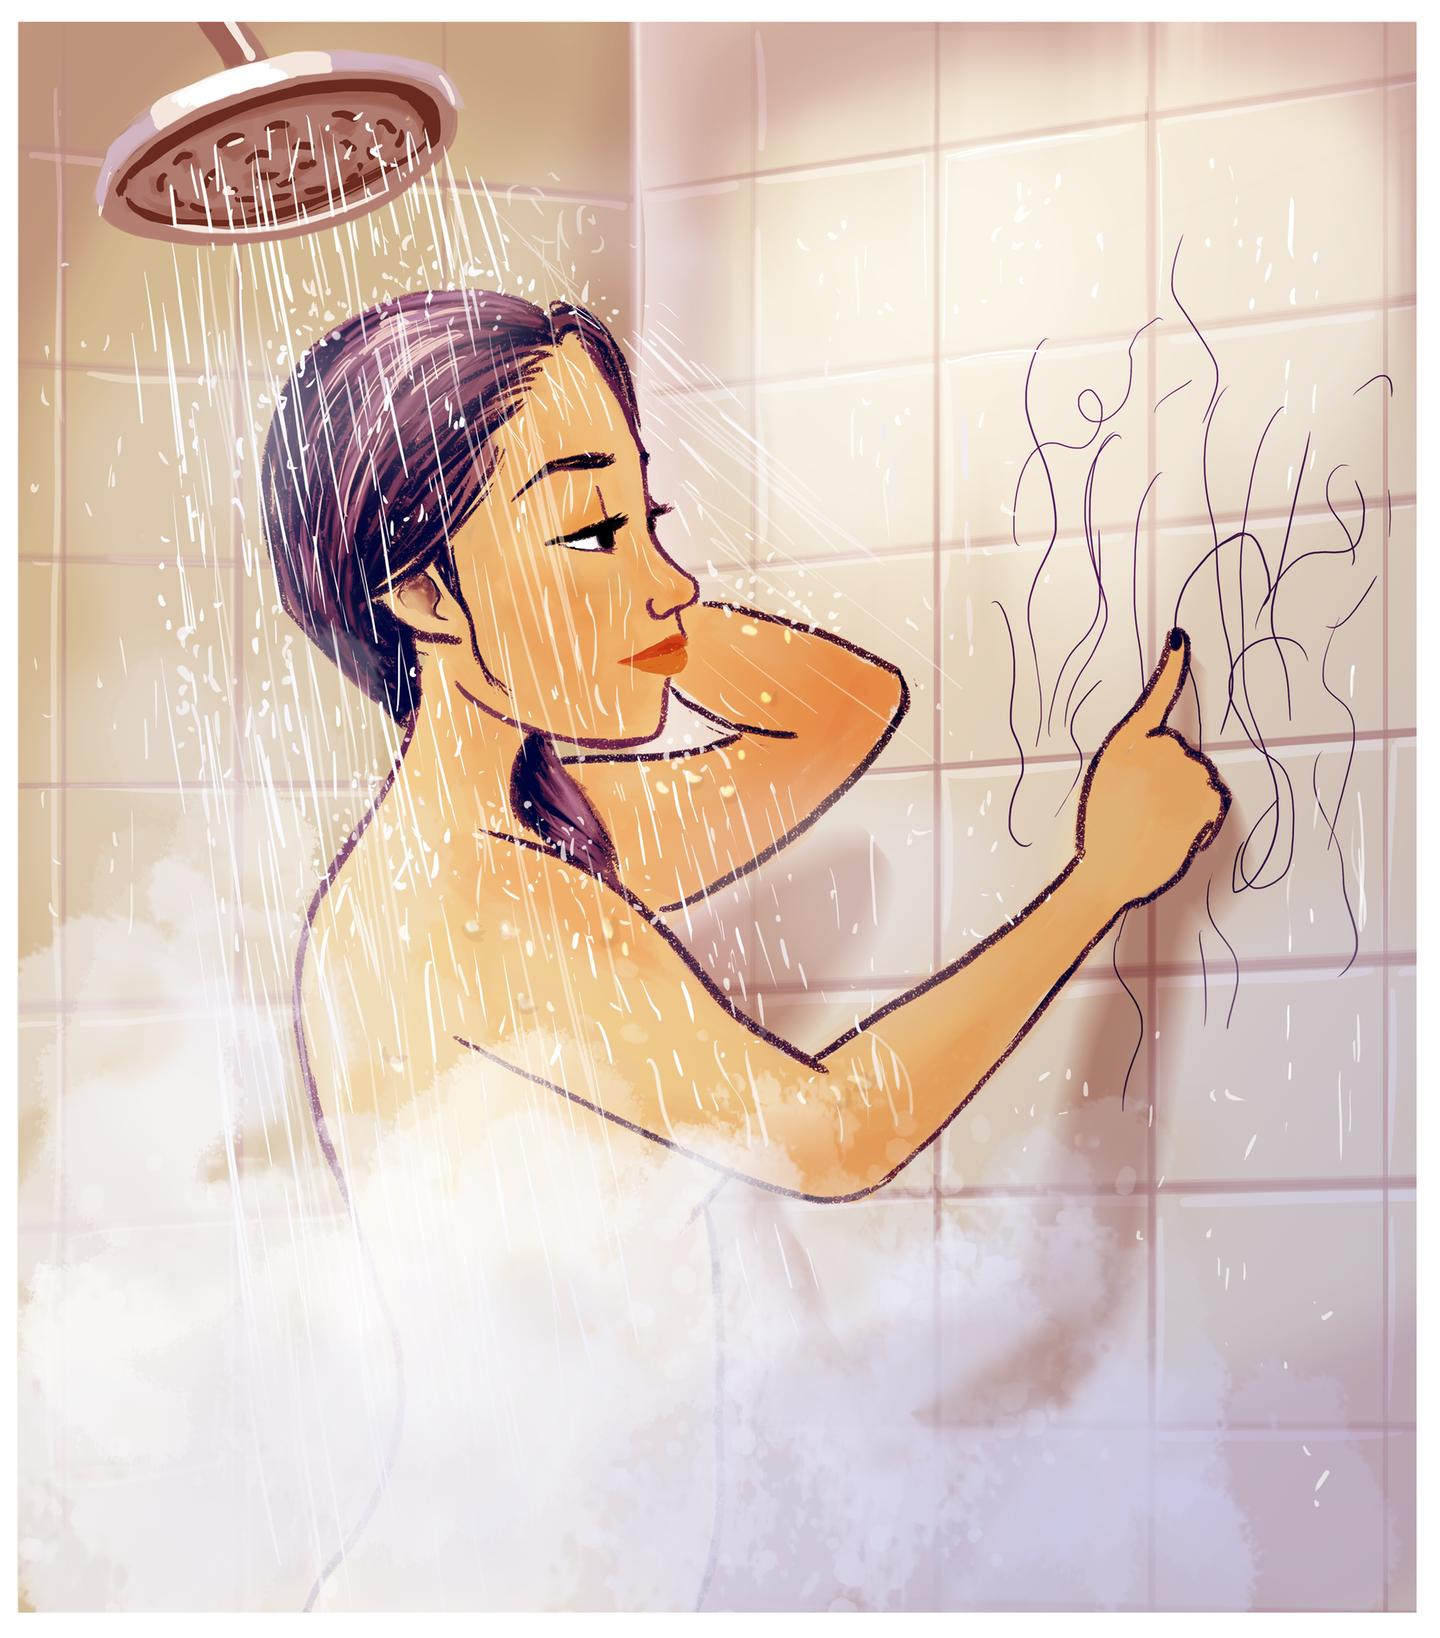 Beim Duschen ausgefallene Haare zählen und mit ihnen ominöse Bilder an die Duschwand malen